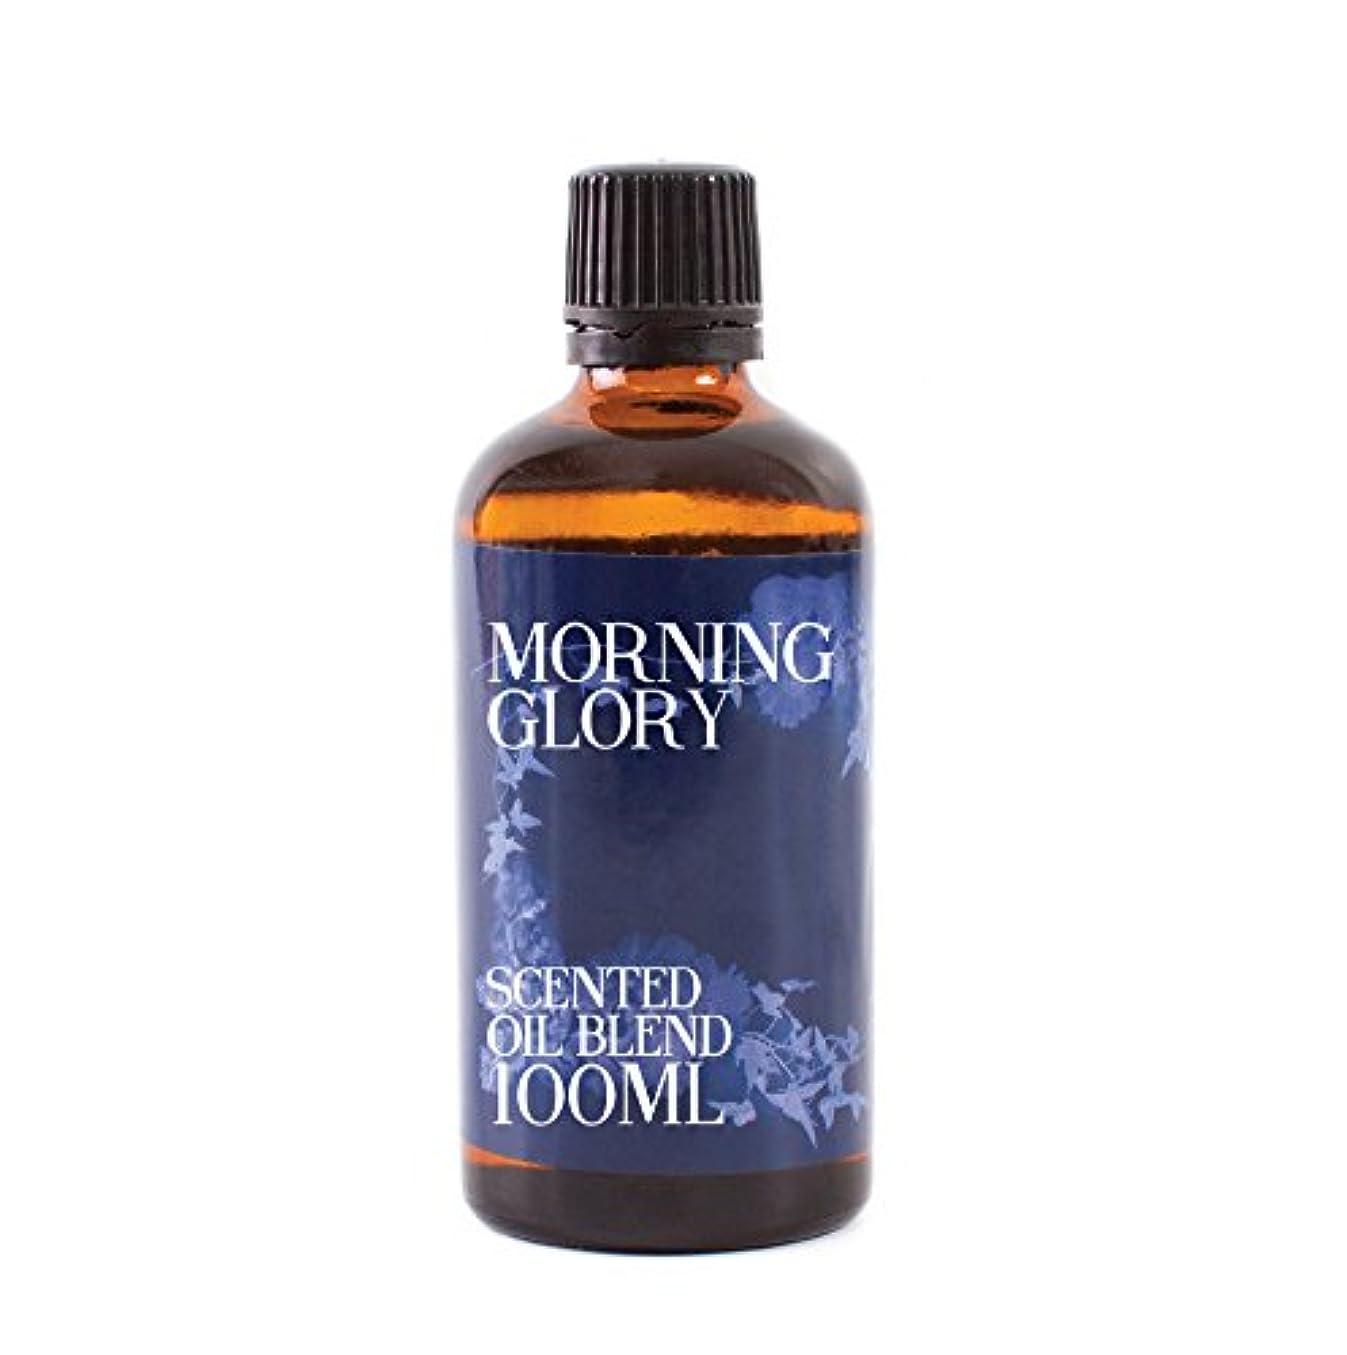 粘土洗練されたジョージハンブリーMystic Moments | Morning Glory - Scented Oil Blend - 100ml